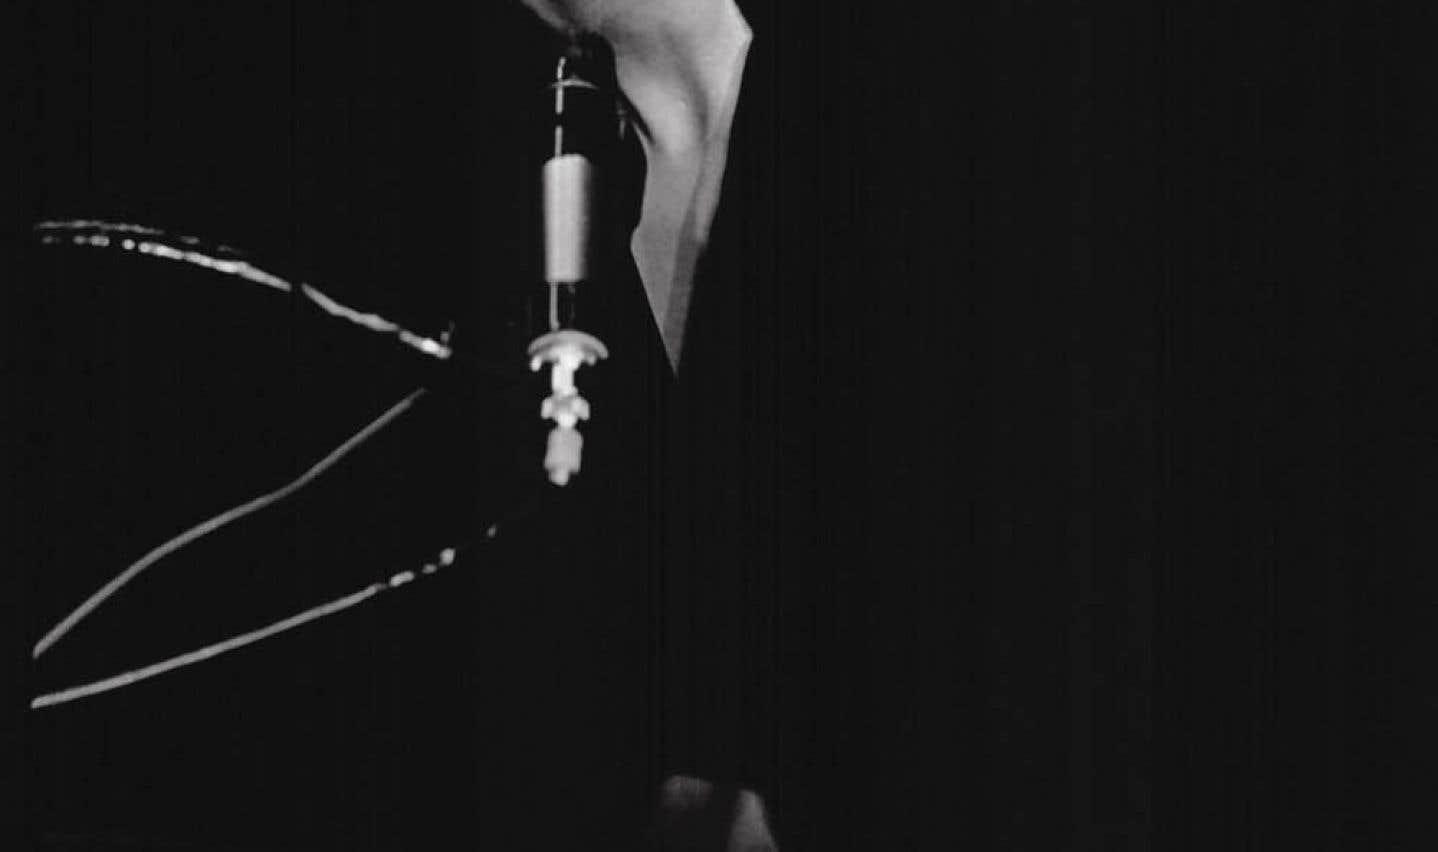 À travers ces deux heures de témoignages de proches de la chanteuse et de riches extraits d'archives, on dresse un portrait d'une femme joyeuse, taquine et lumineuse au quotidien, malgré un lourd passé.